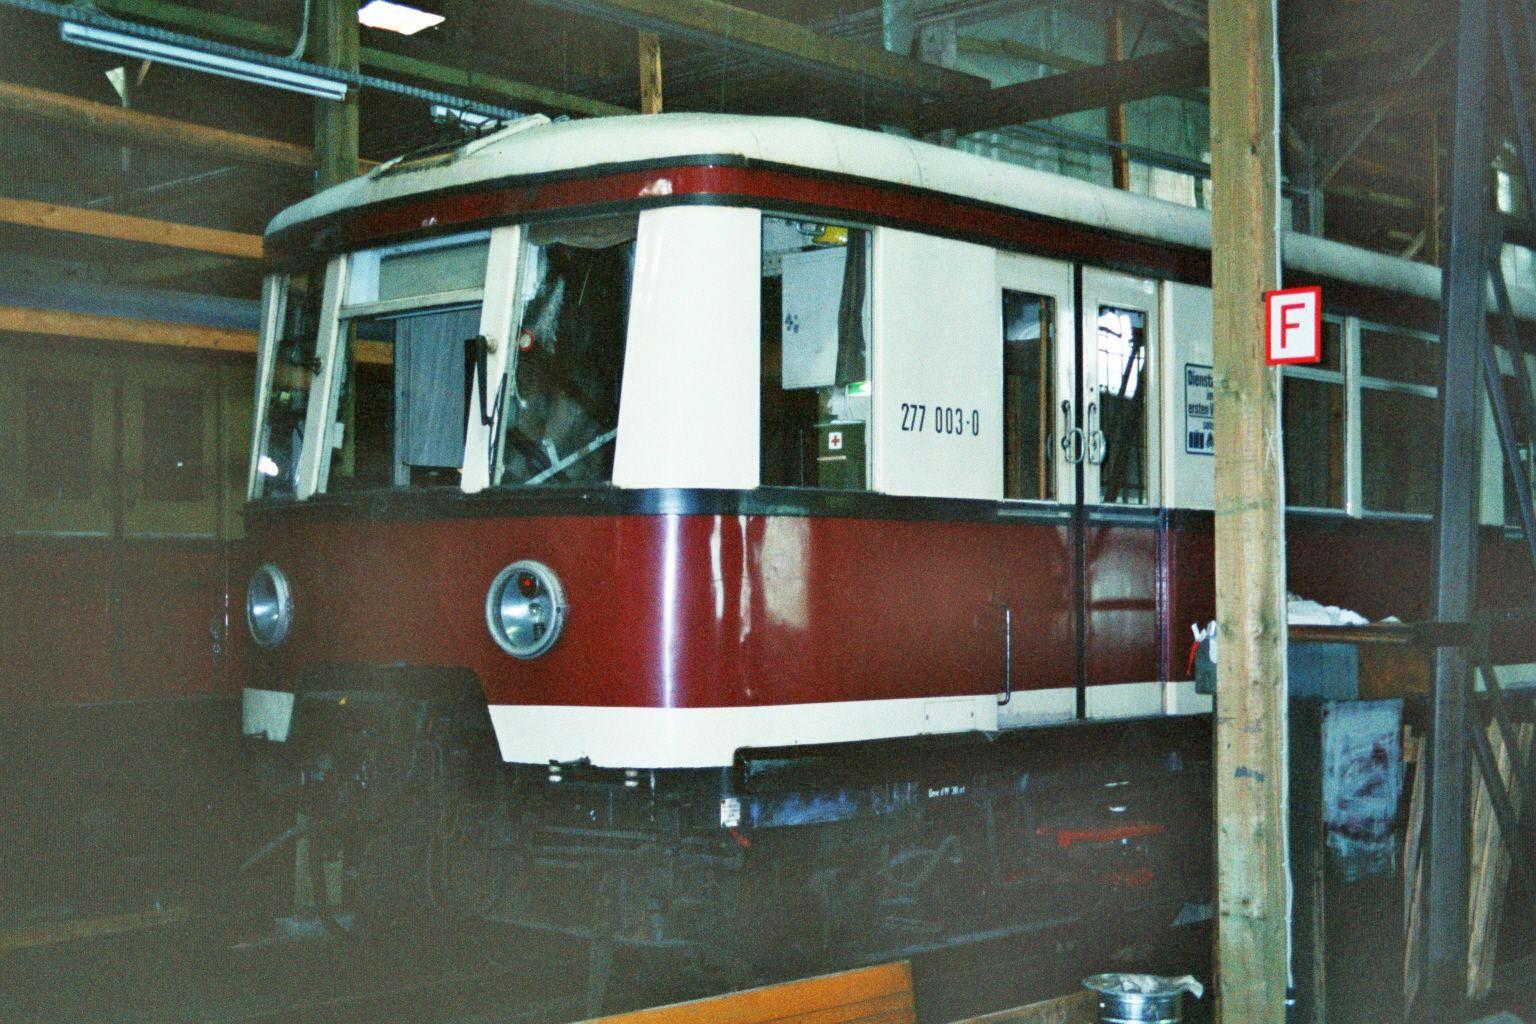 S-Bahn 3839, Bauart 1938/1941, 277 003, Baureihe 167, Hundekehle, 1994